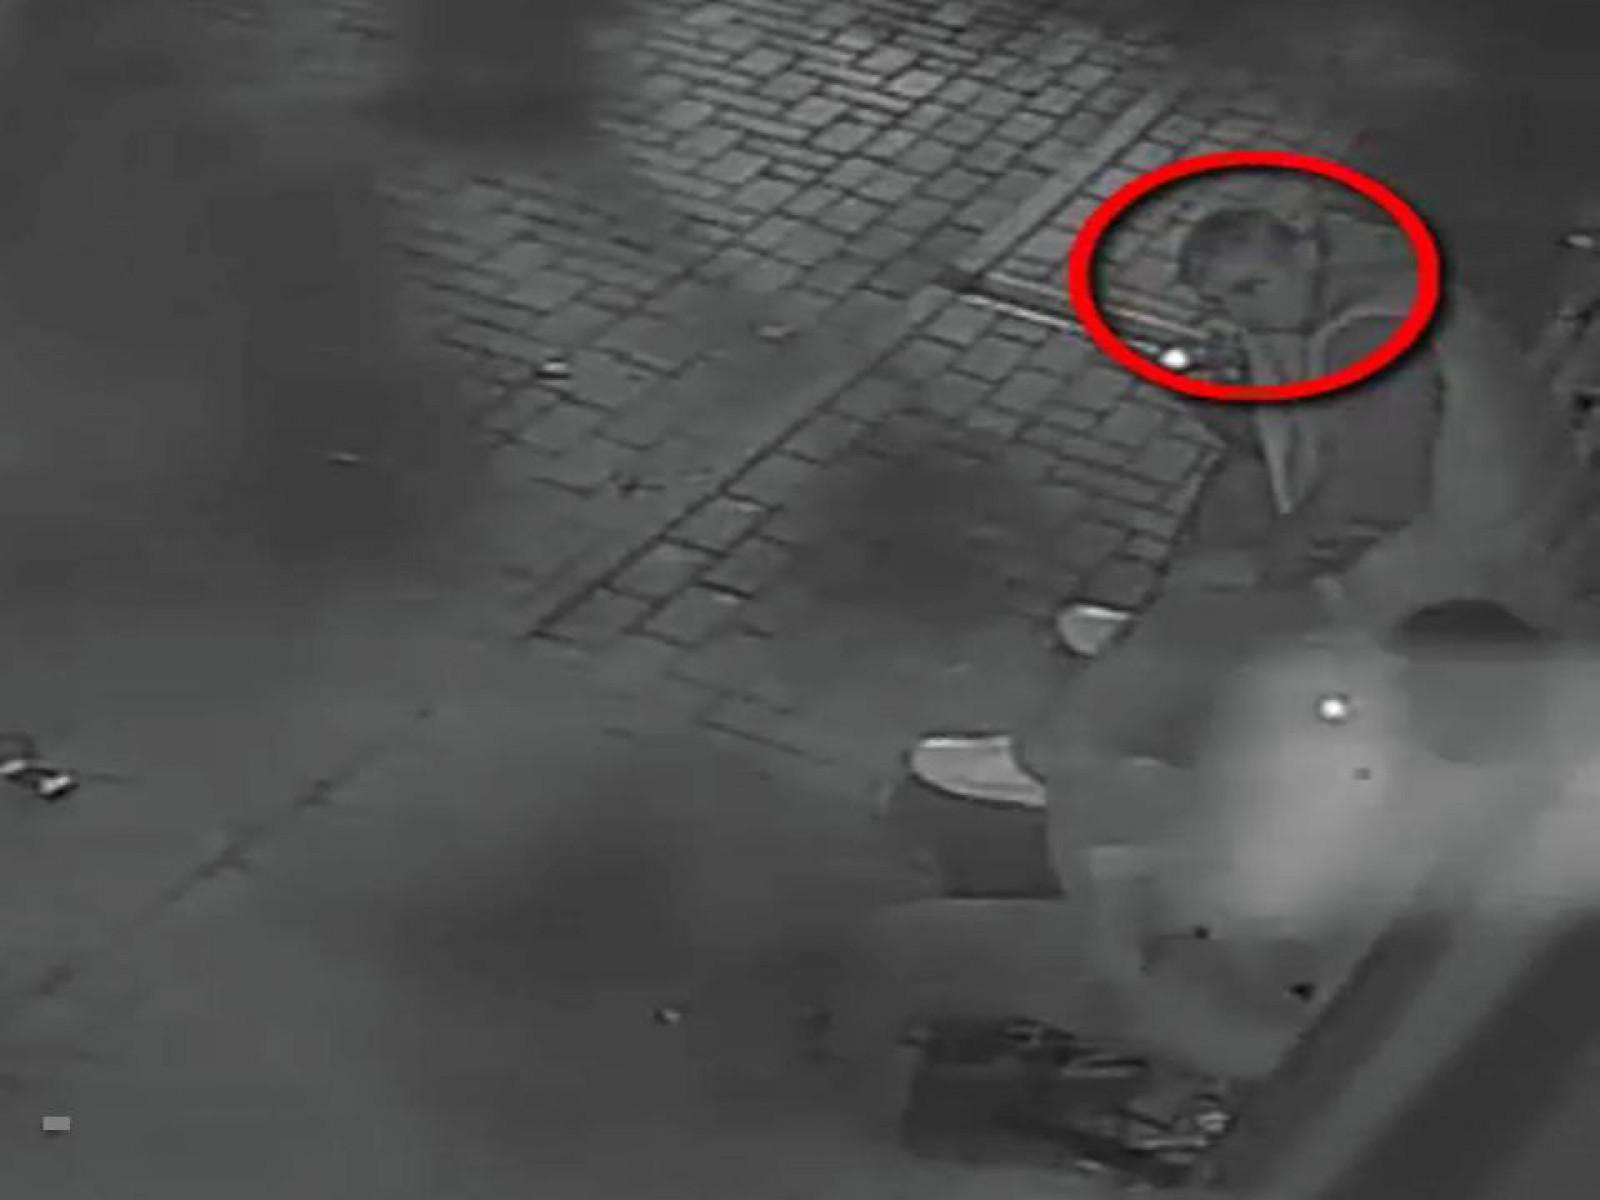 (video) Bărbatul din imagini este căutat de polițiști: Ar fi atacat și jefuit un tânăr în stradă